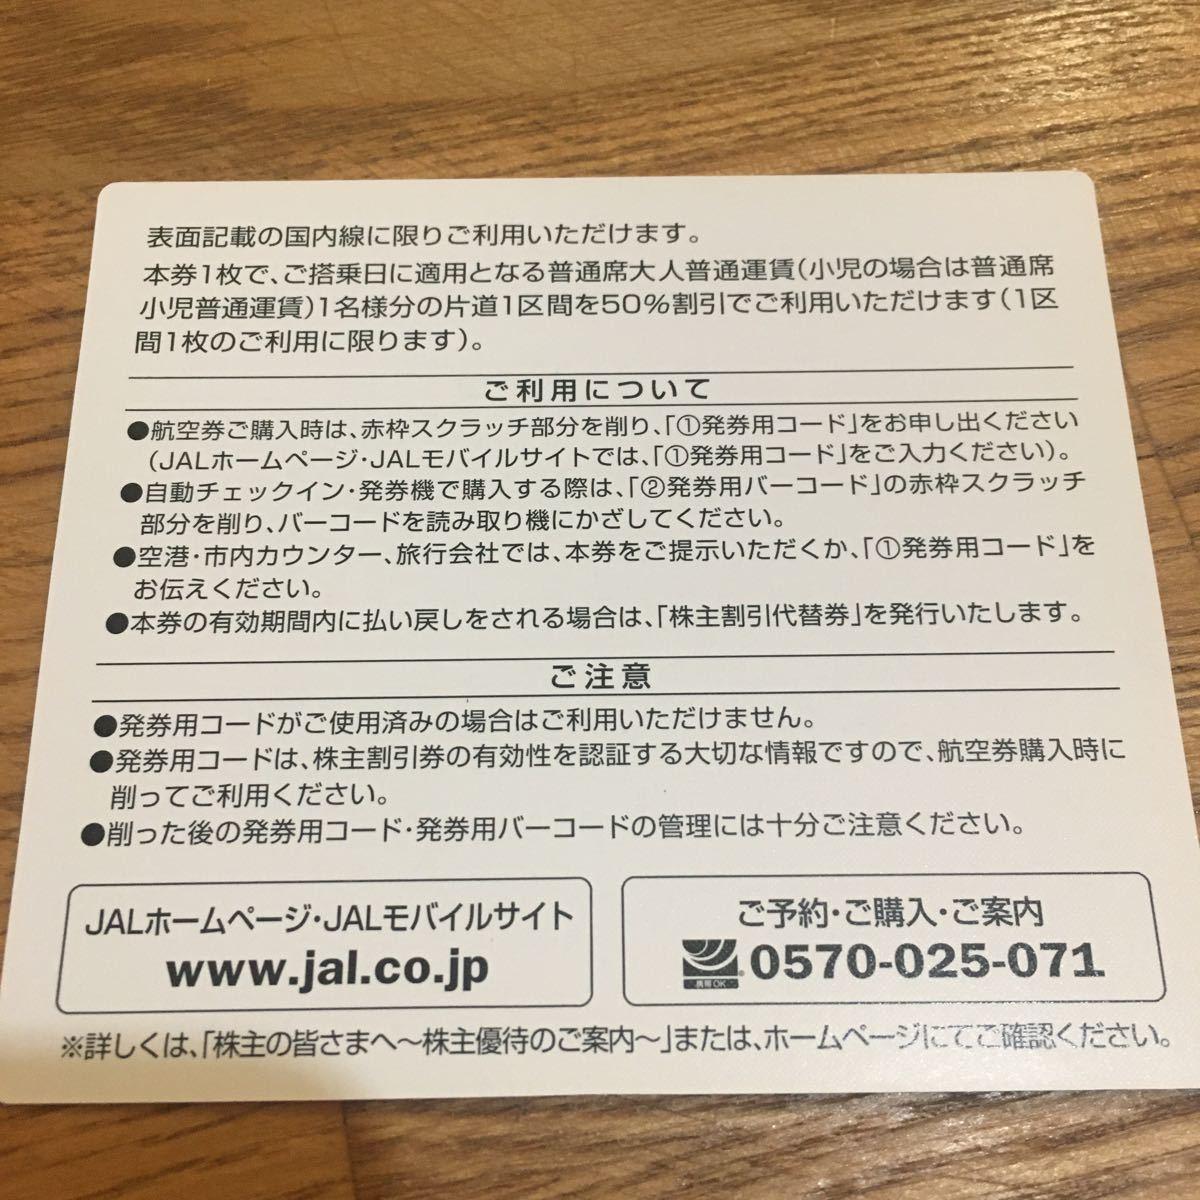 JAL 日本航空 株主優待券1枚 50%割引(片道)番号通知のみ送料無料  ~2022年5月31日 搭乗分 航空券 割引券_画像3